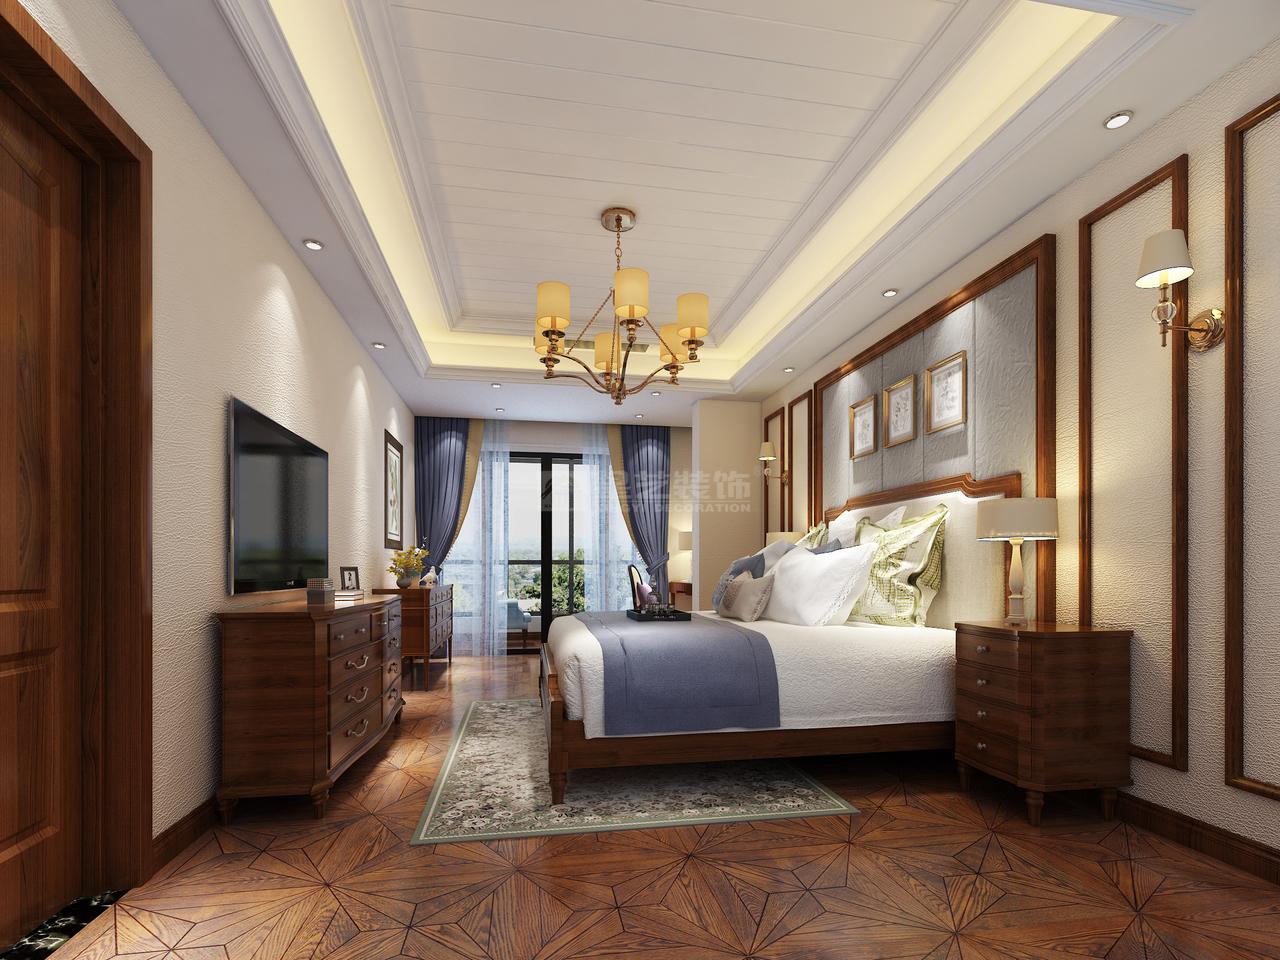 美的林城时代美式不一样的典雅与温馨,美式,复式,245.0㎡